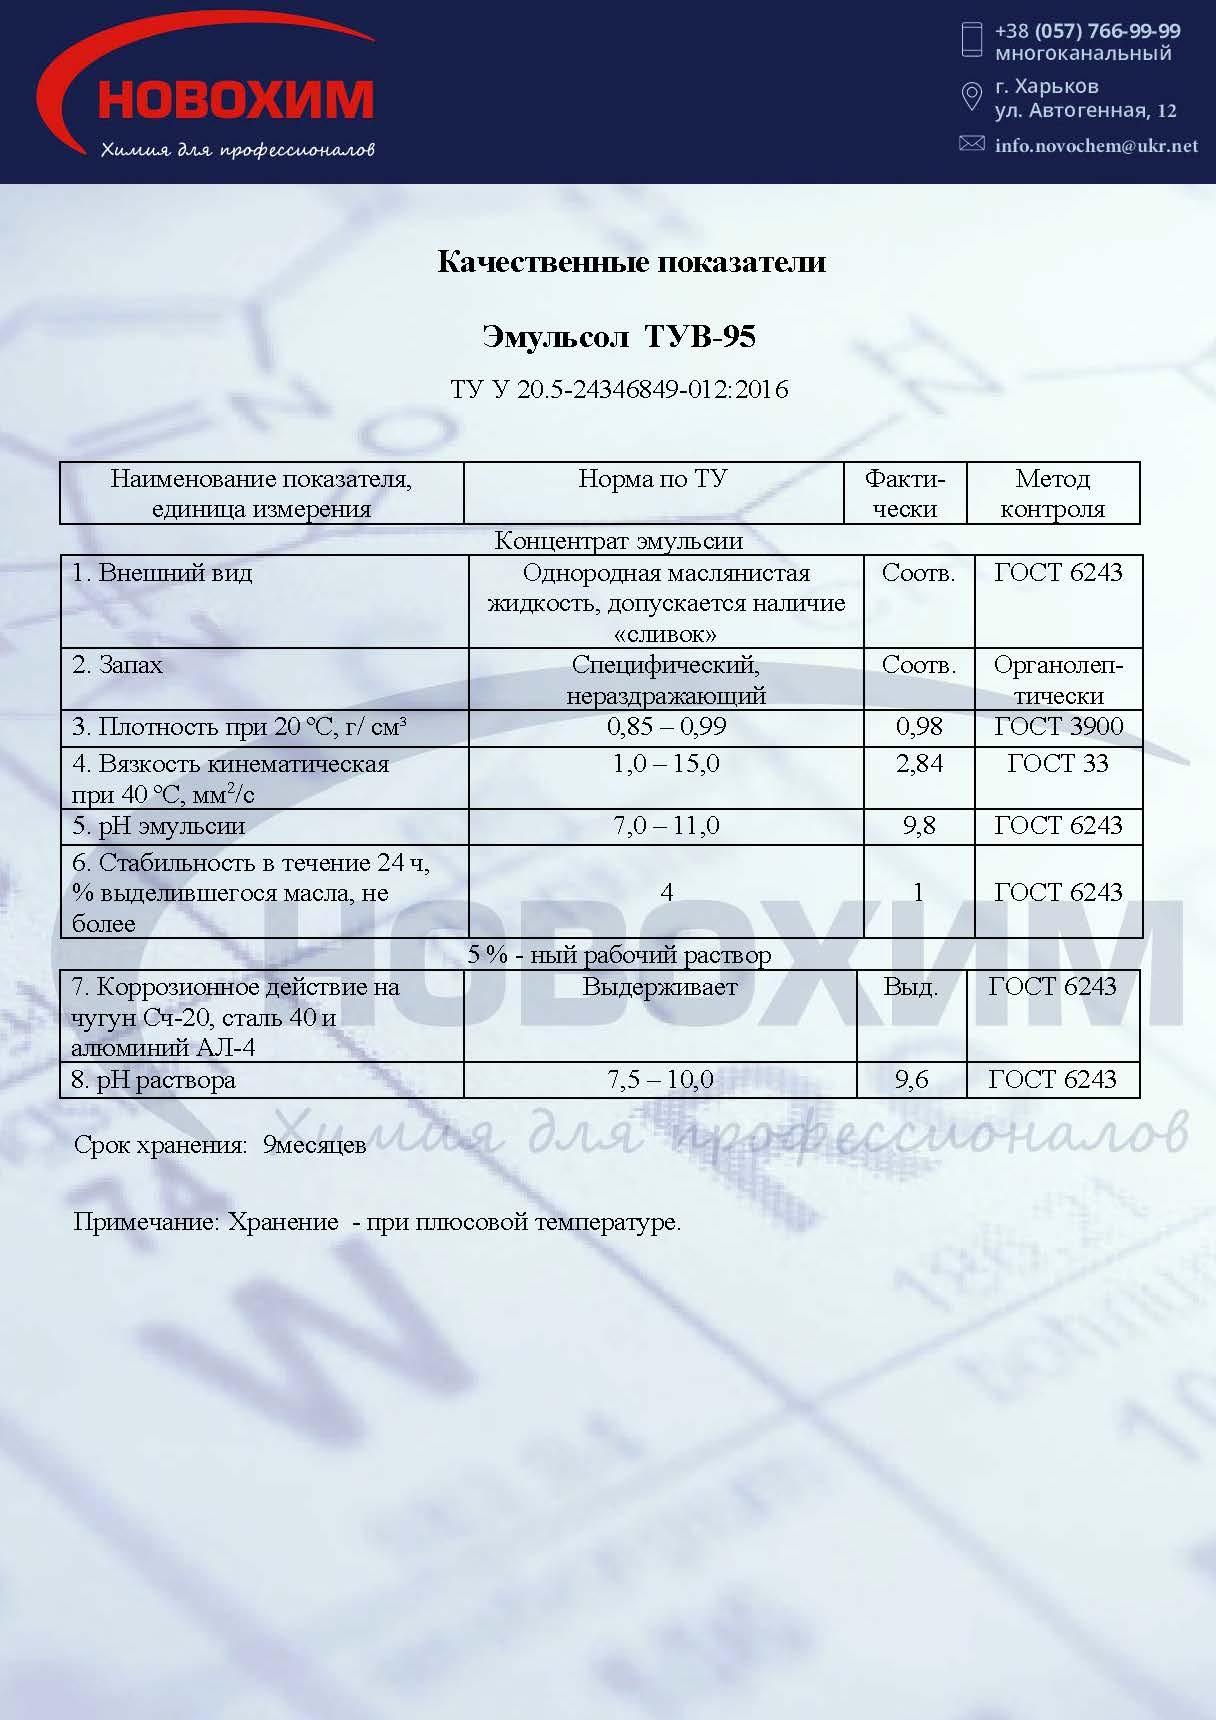 ТУВ-95